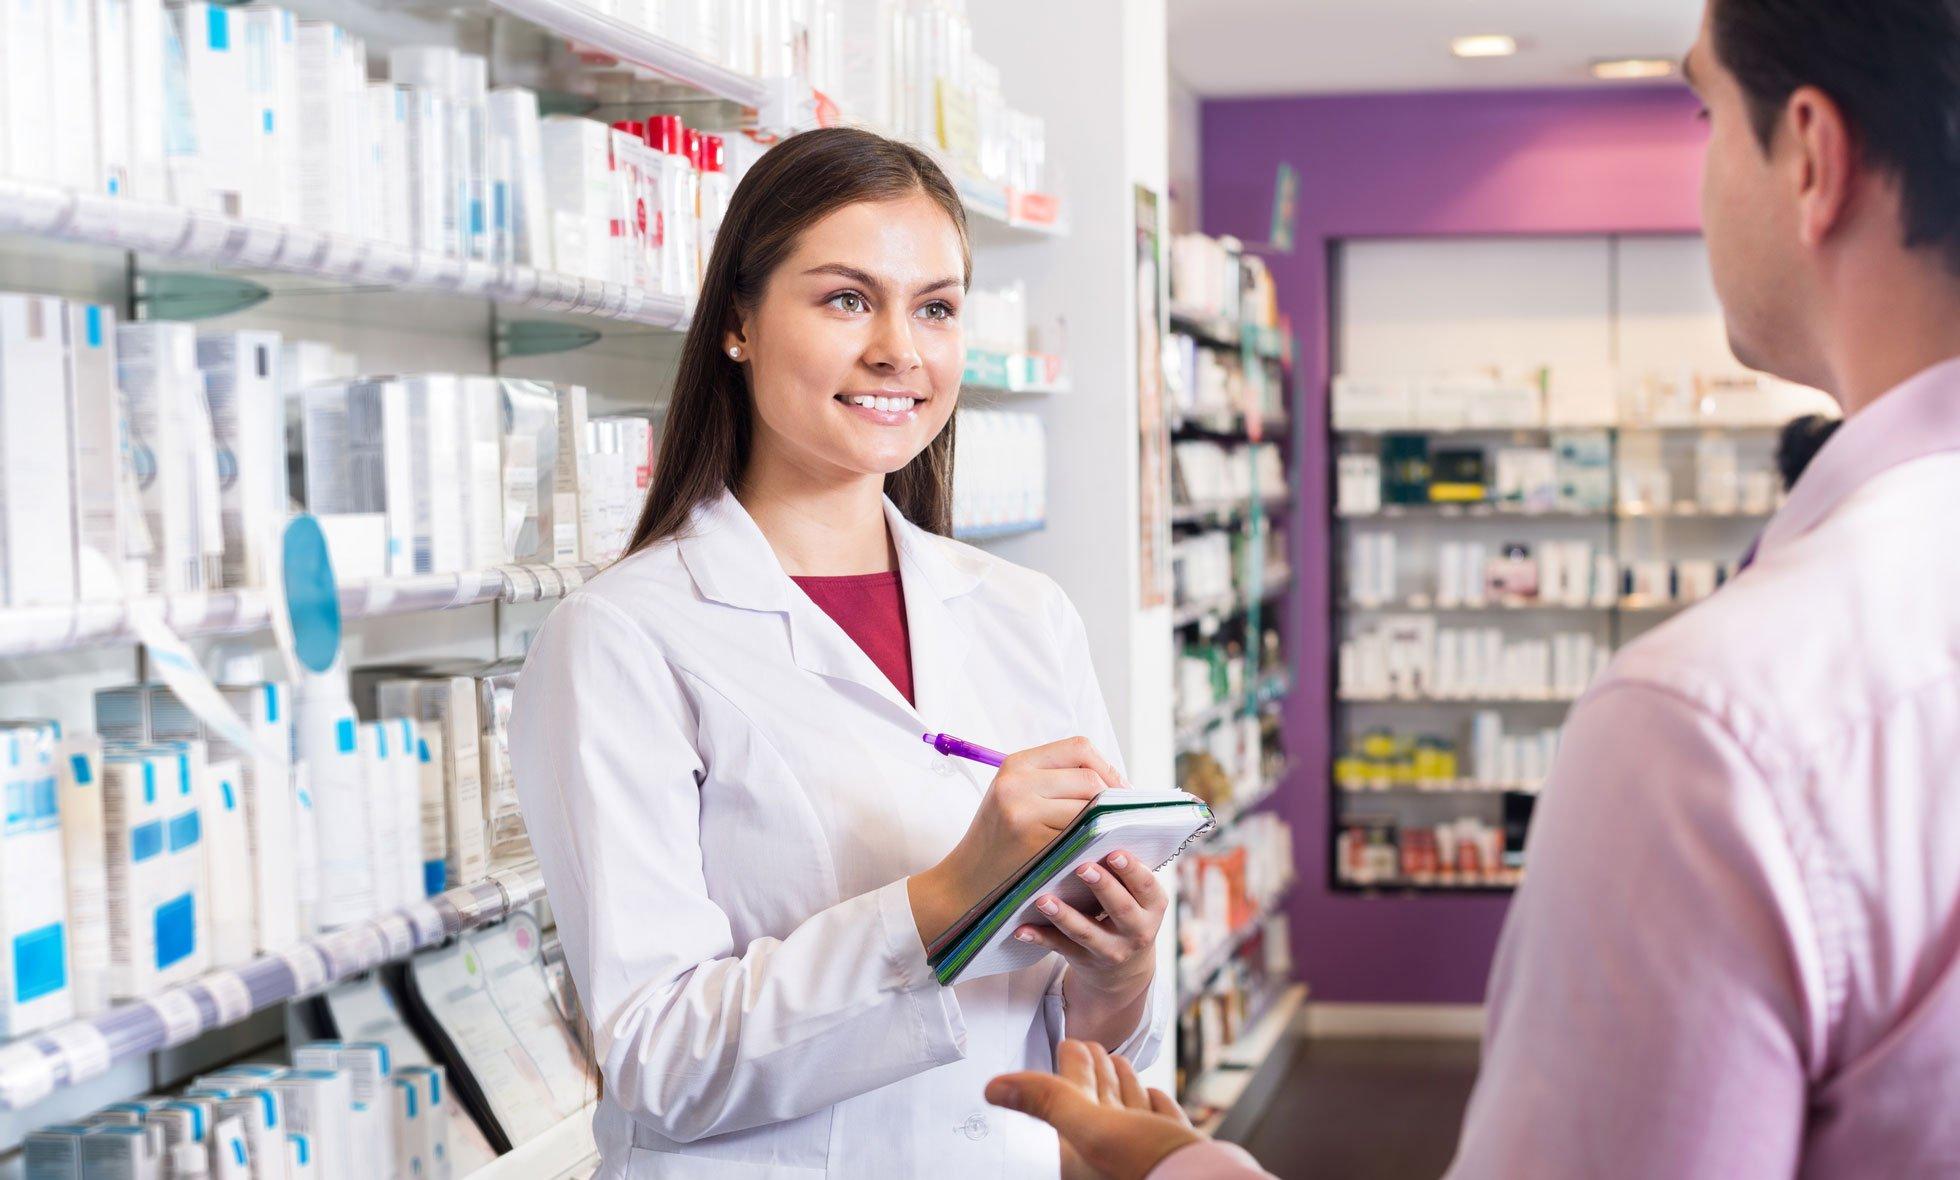 pharmacy - photo #19